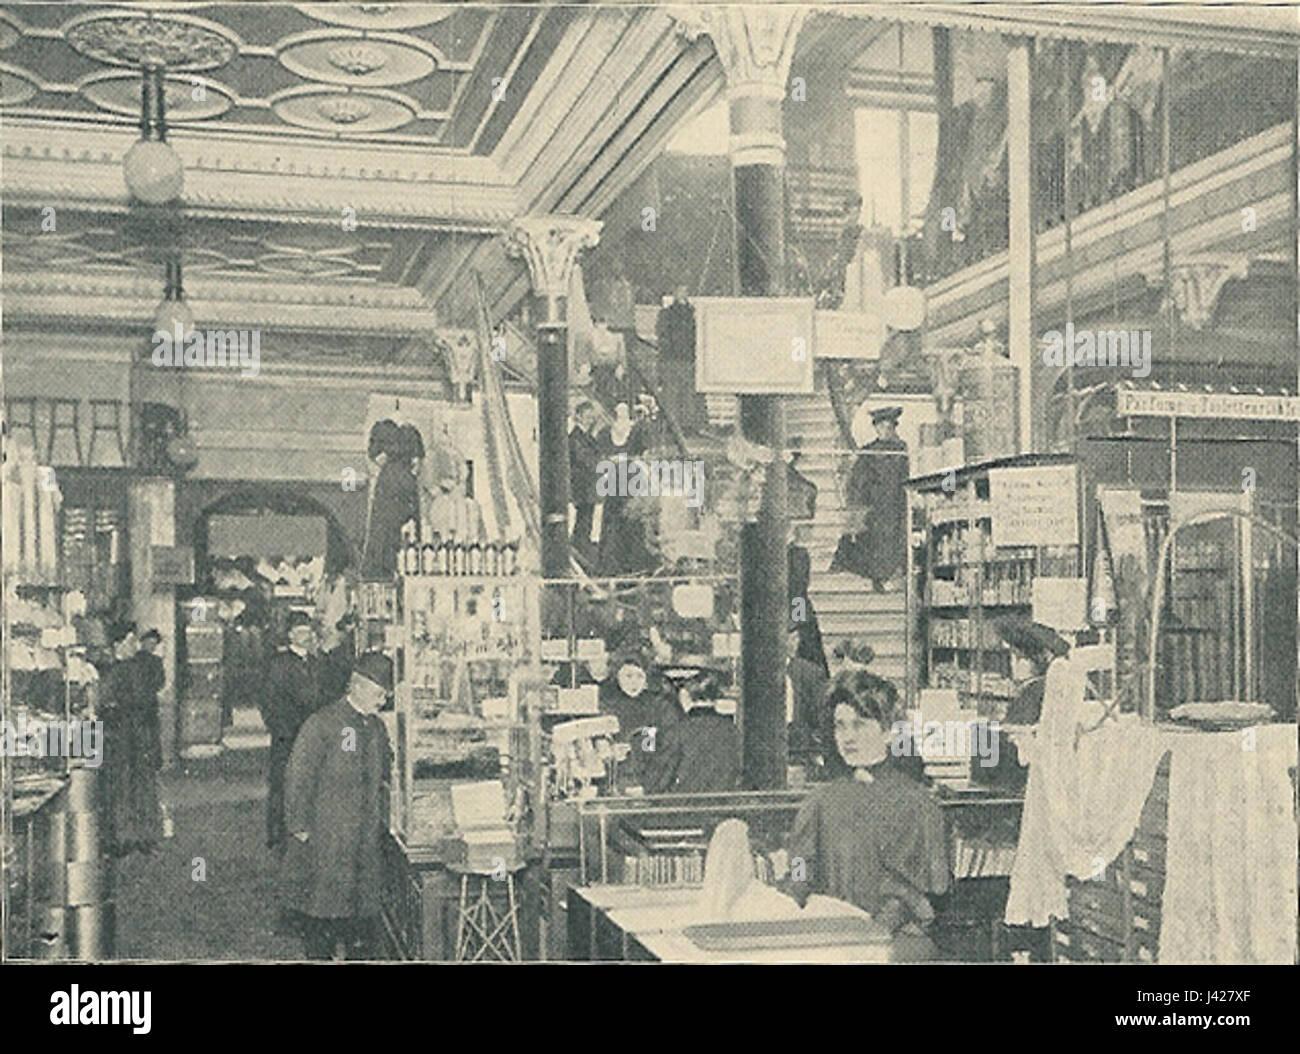 Magasin du Nord en afdeling - Stock Image